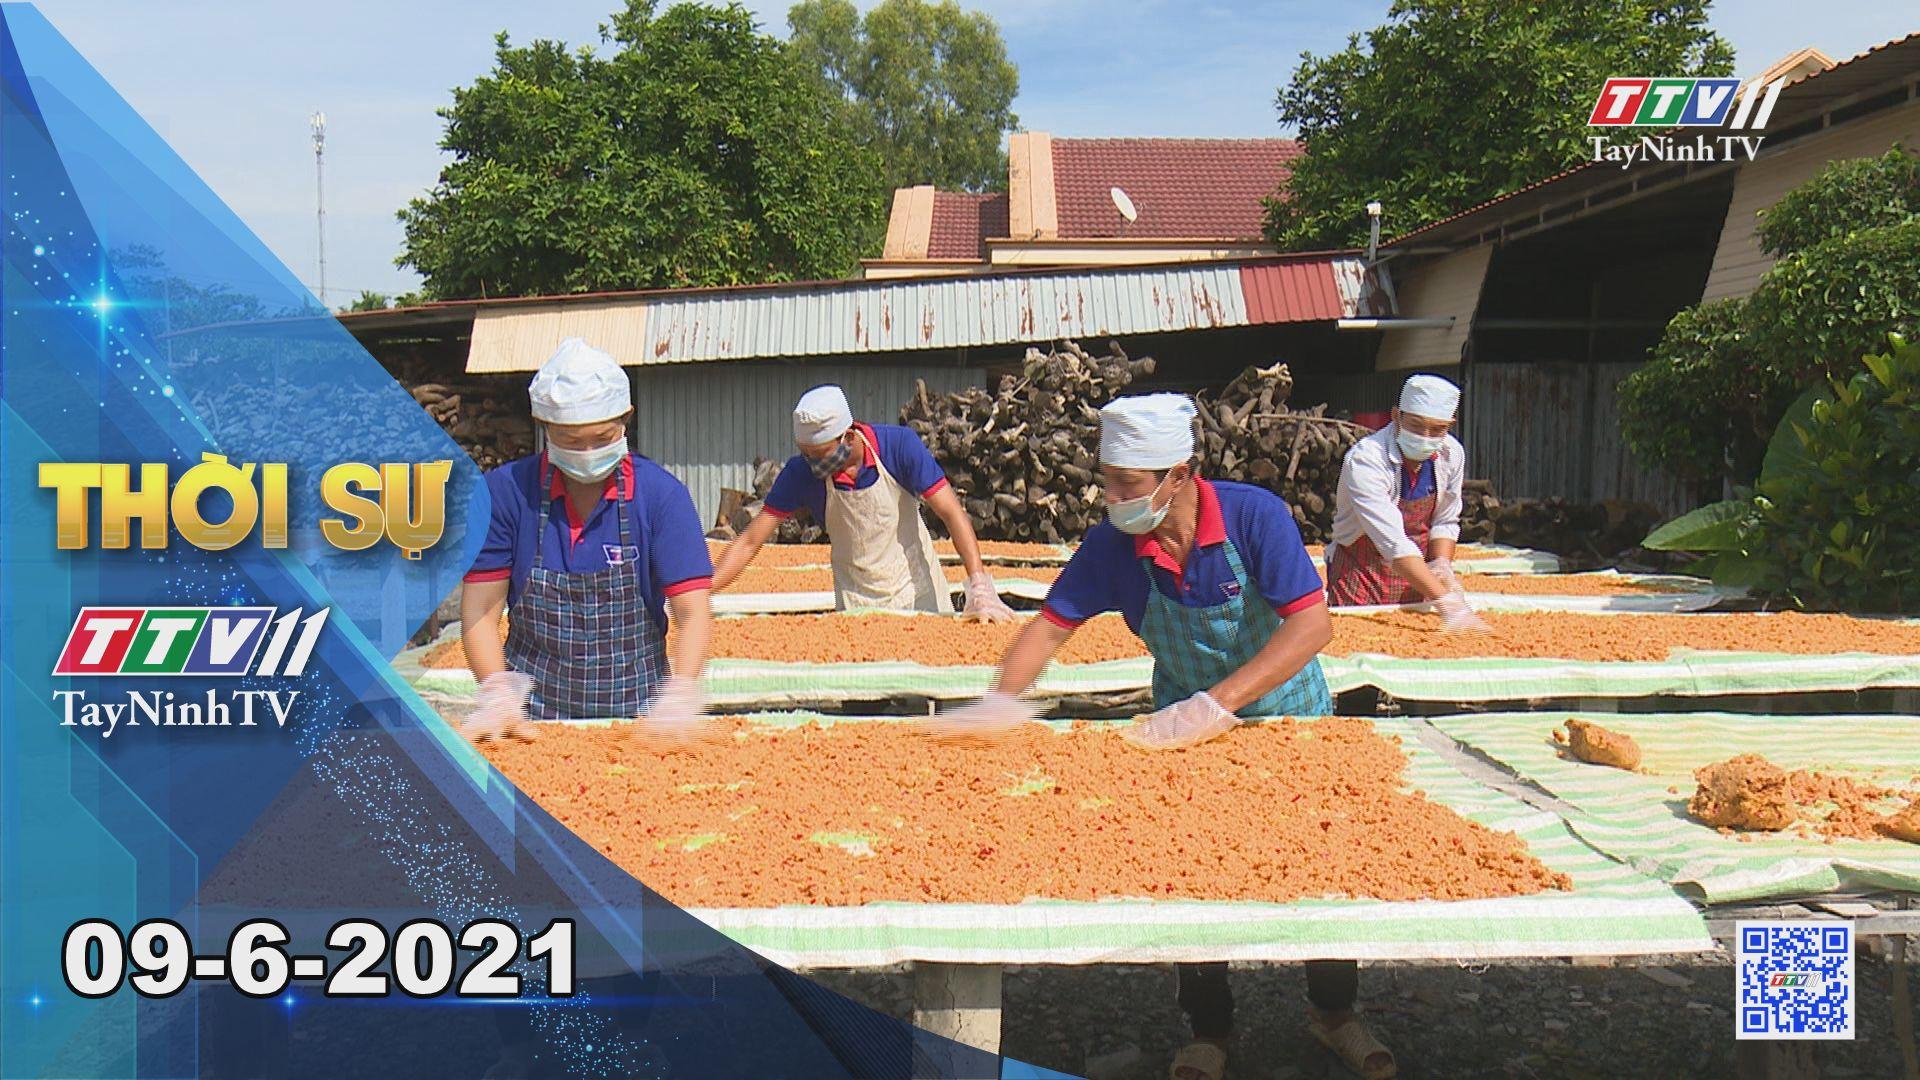 Thời sự Tây Ninh 09-6-2021 | Tin tức hôm nay | TayNinhTV